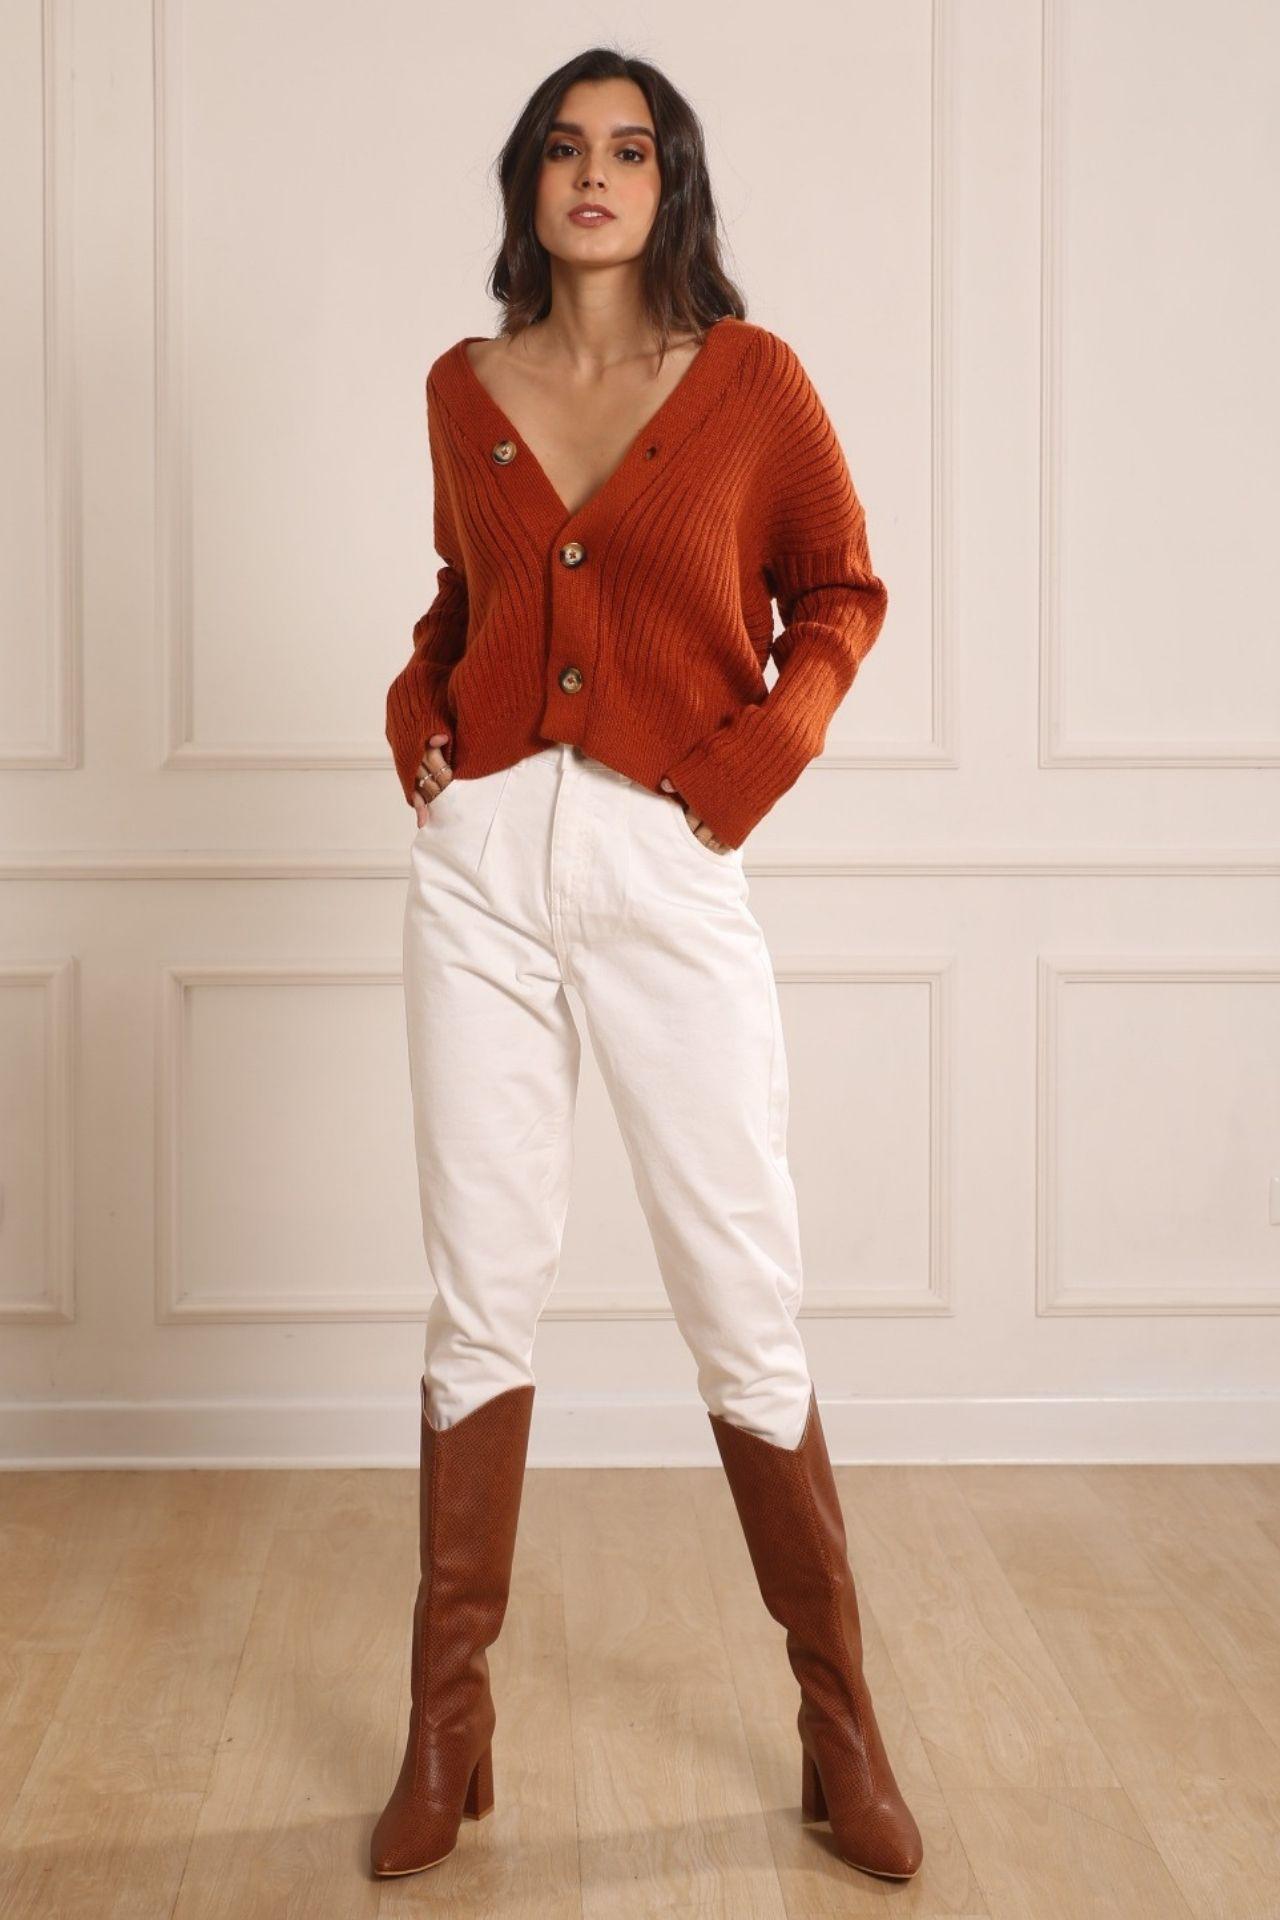 Cardigan tejido en hilo suave.Prendaversátil, práctica yútil. Gran tendencia de la moda que vale la pena tener en nuestro closet. Puedes combinarlos con faldas, jeans o vestidos y son adecuados para cualquier temporada.  Usando una base de colorneutropuedes tener la libertad de elegirel color que quieras de cardigan. Puedes elegir entre Palo Rosa, Beige, Verde Agua, Ladrillo y Turquesa para una súper combinación.    Medidas:  Busto: 100 cm  Largo: 58 cm